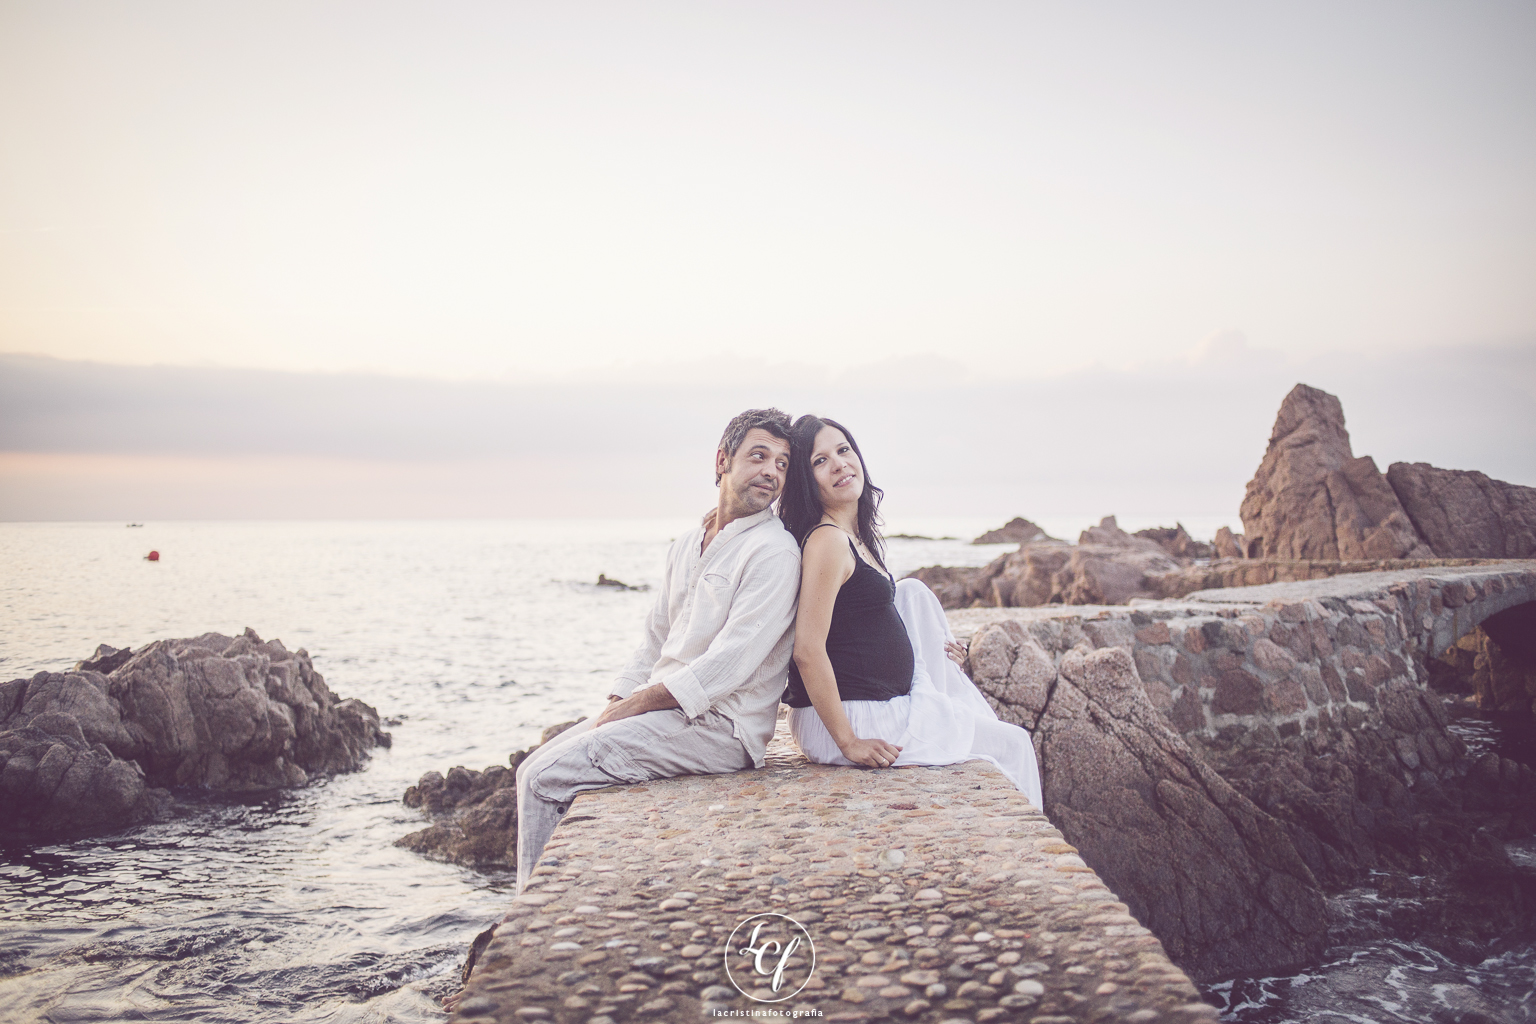 fotógrafo embarazada :: fotografía embarazada :: fotógrafo embarazada barcelona :: embarazada playa :: embarazada Tossa de Mar :: embarazada Rosamar